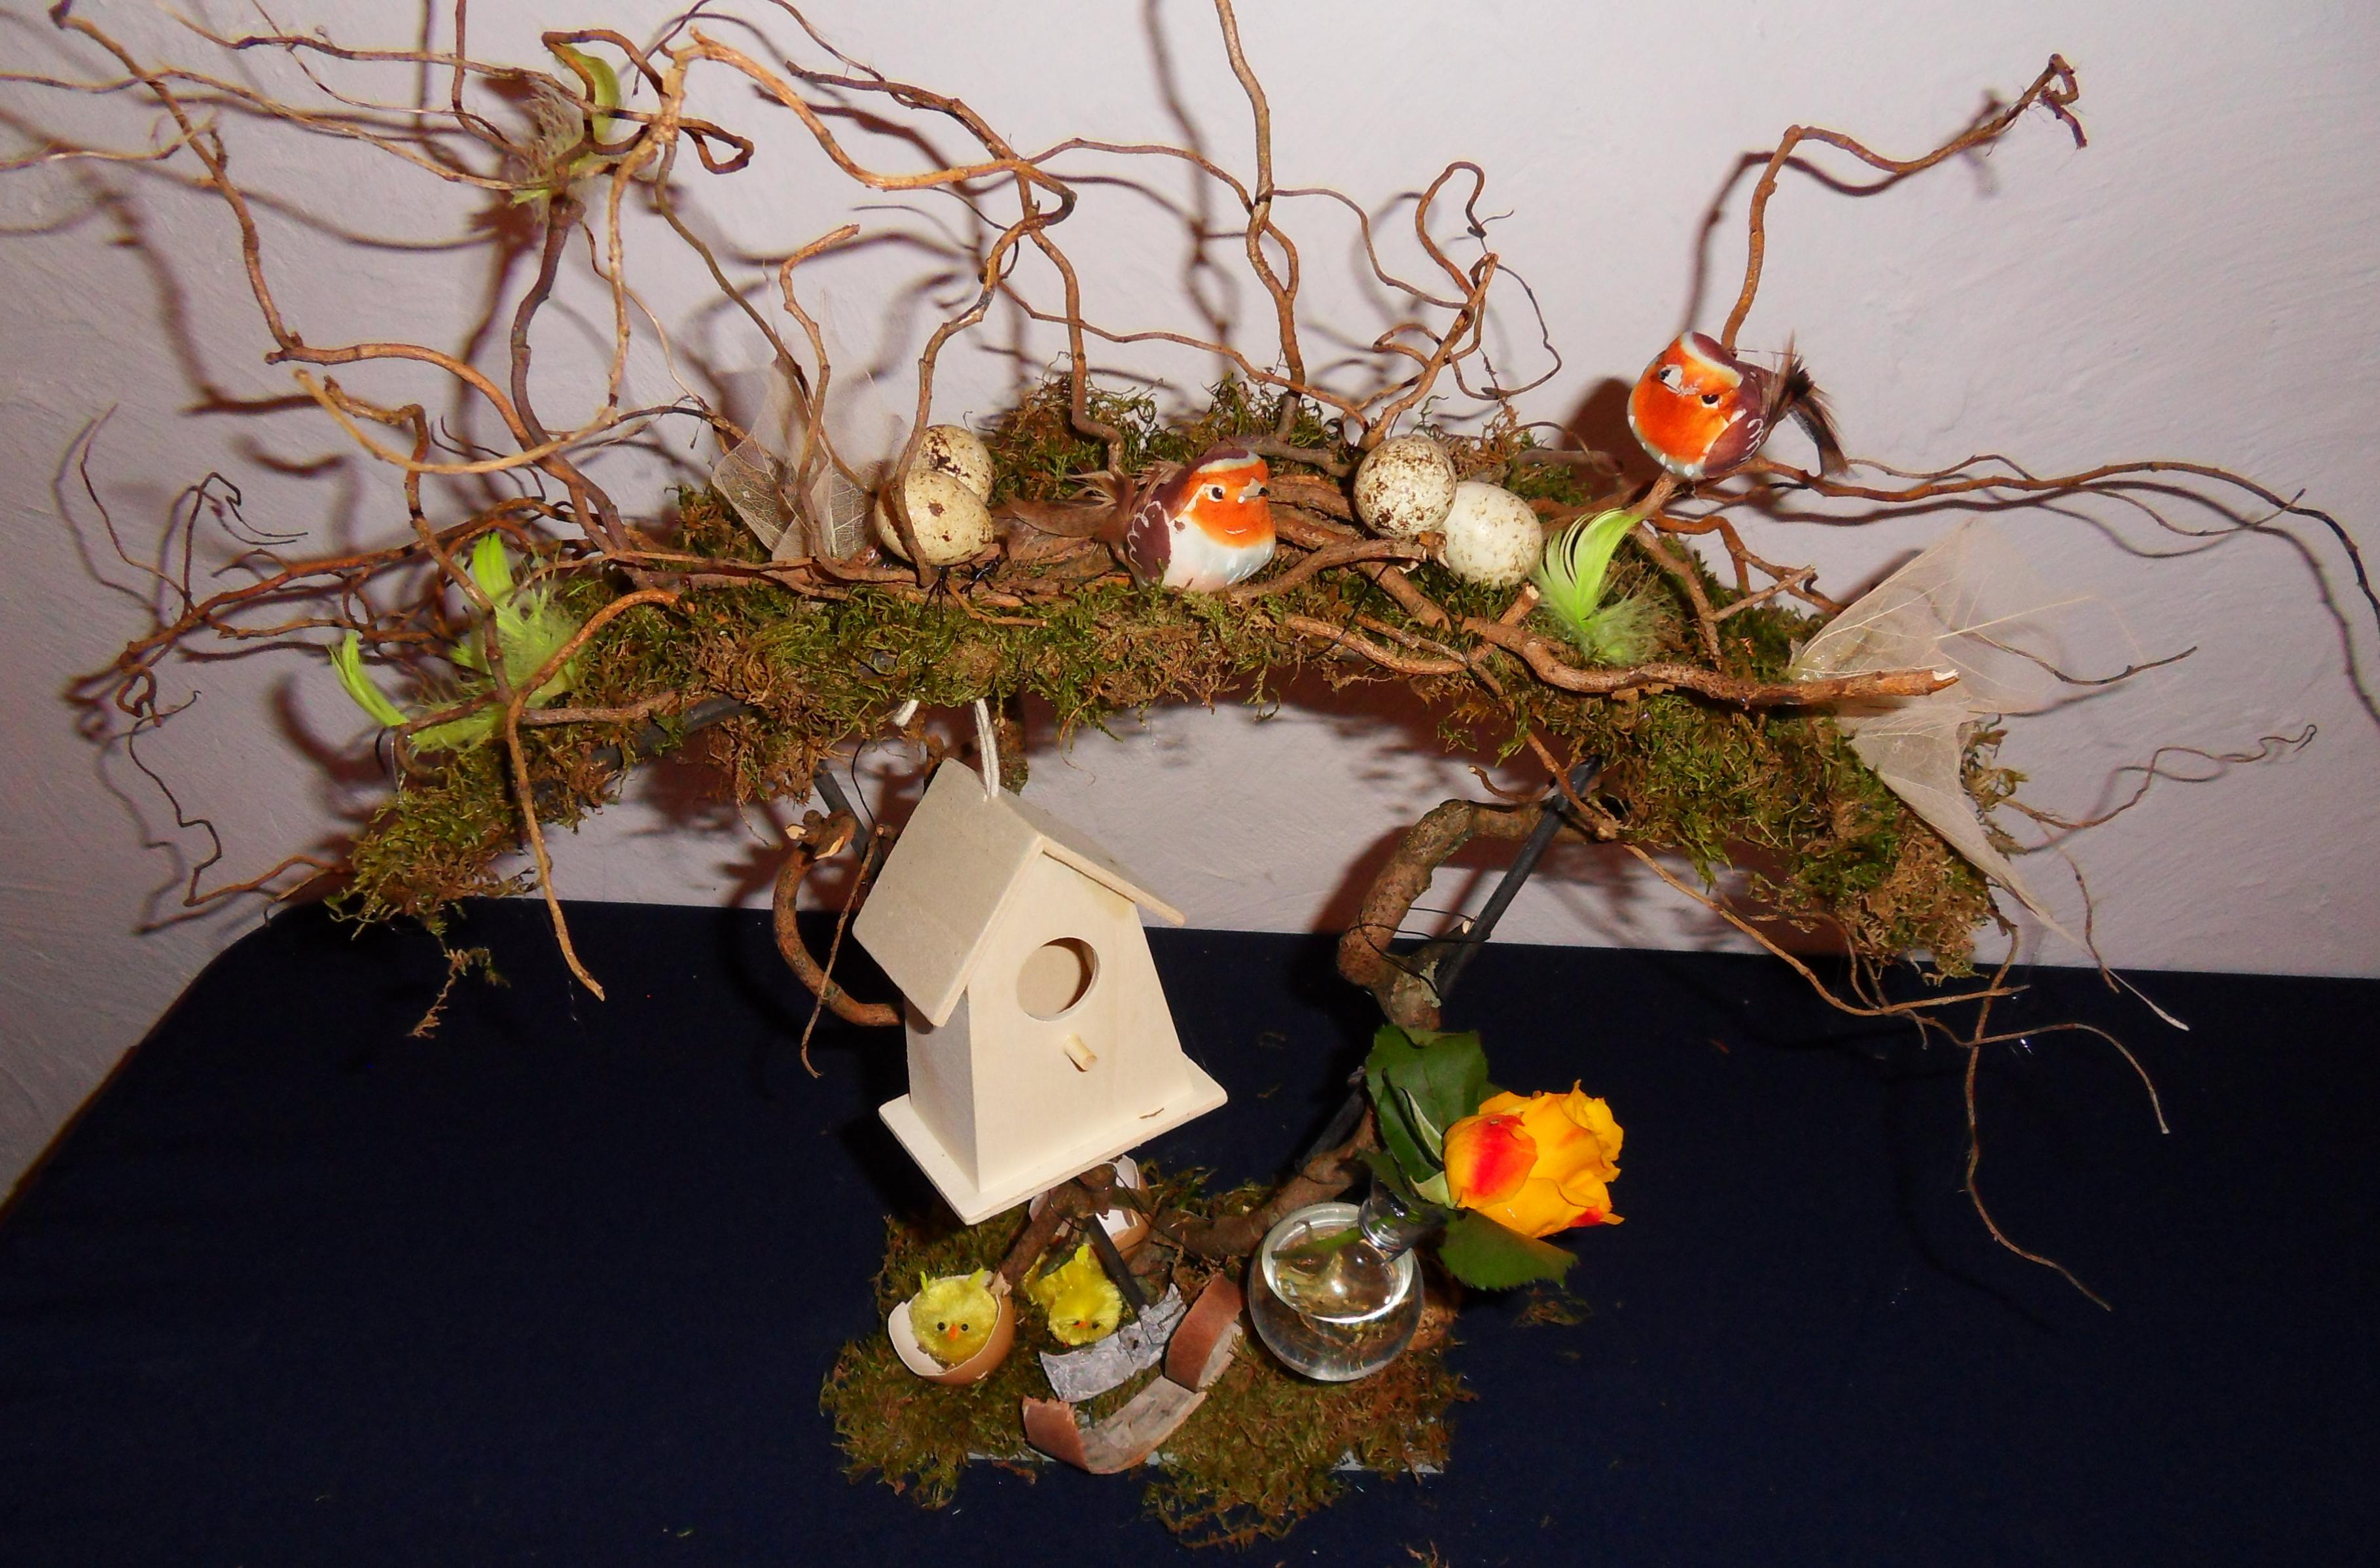 Paasboog De Koel'nbekke Workshops Geesteren